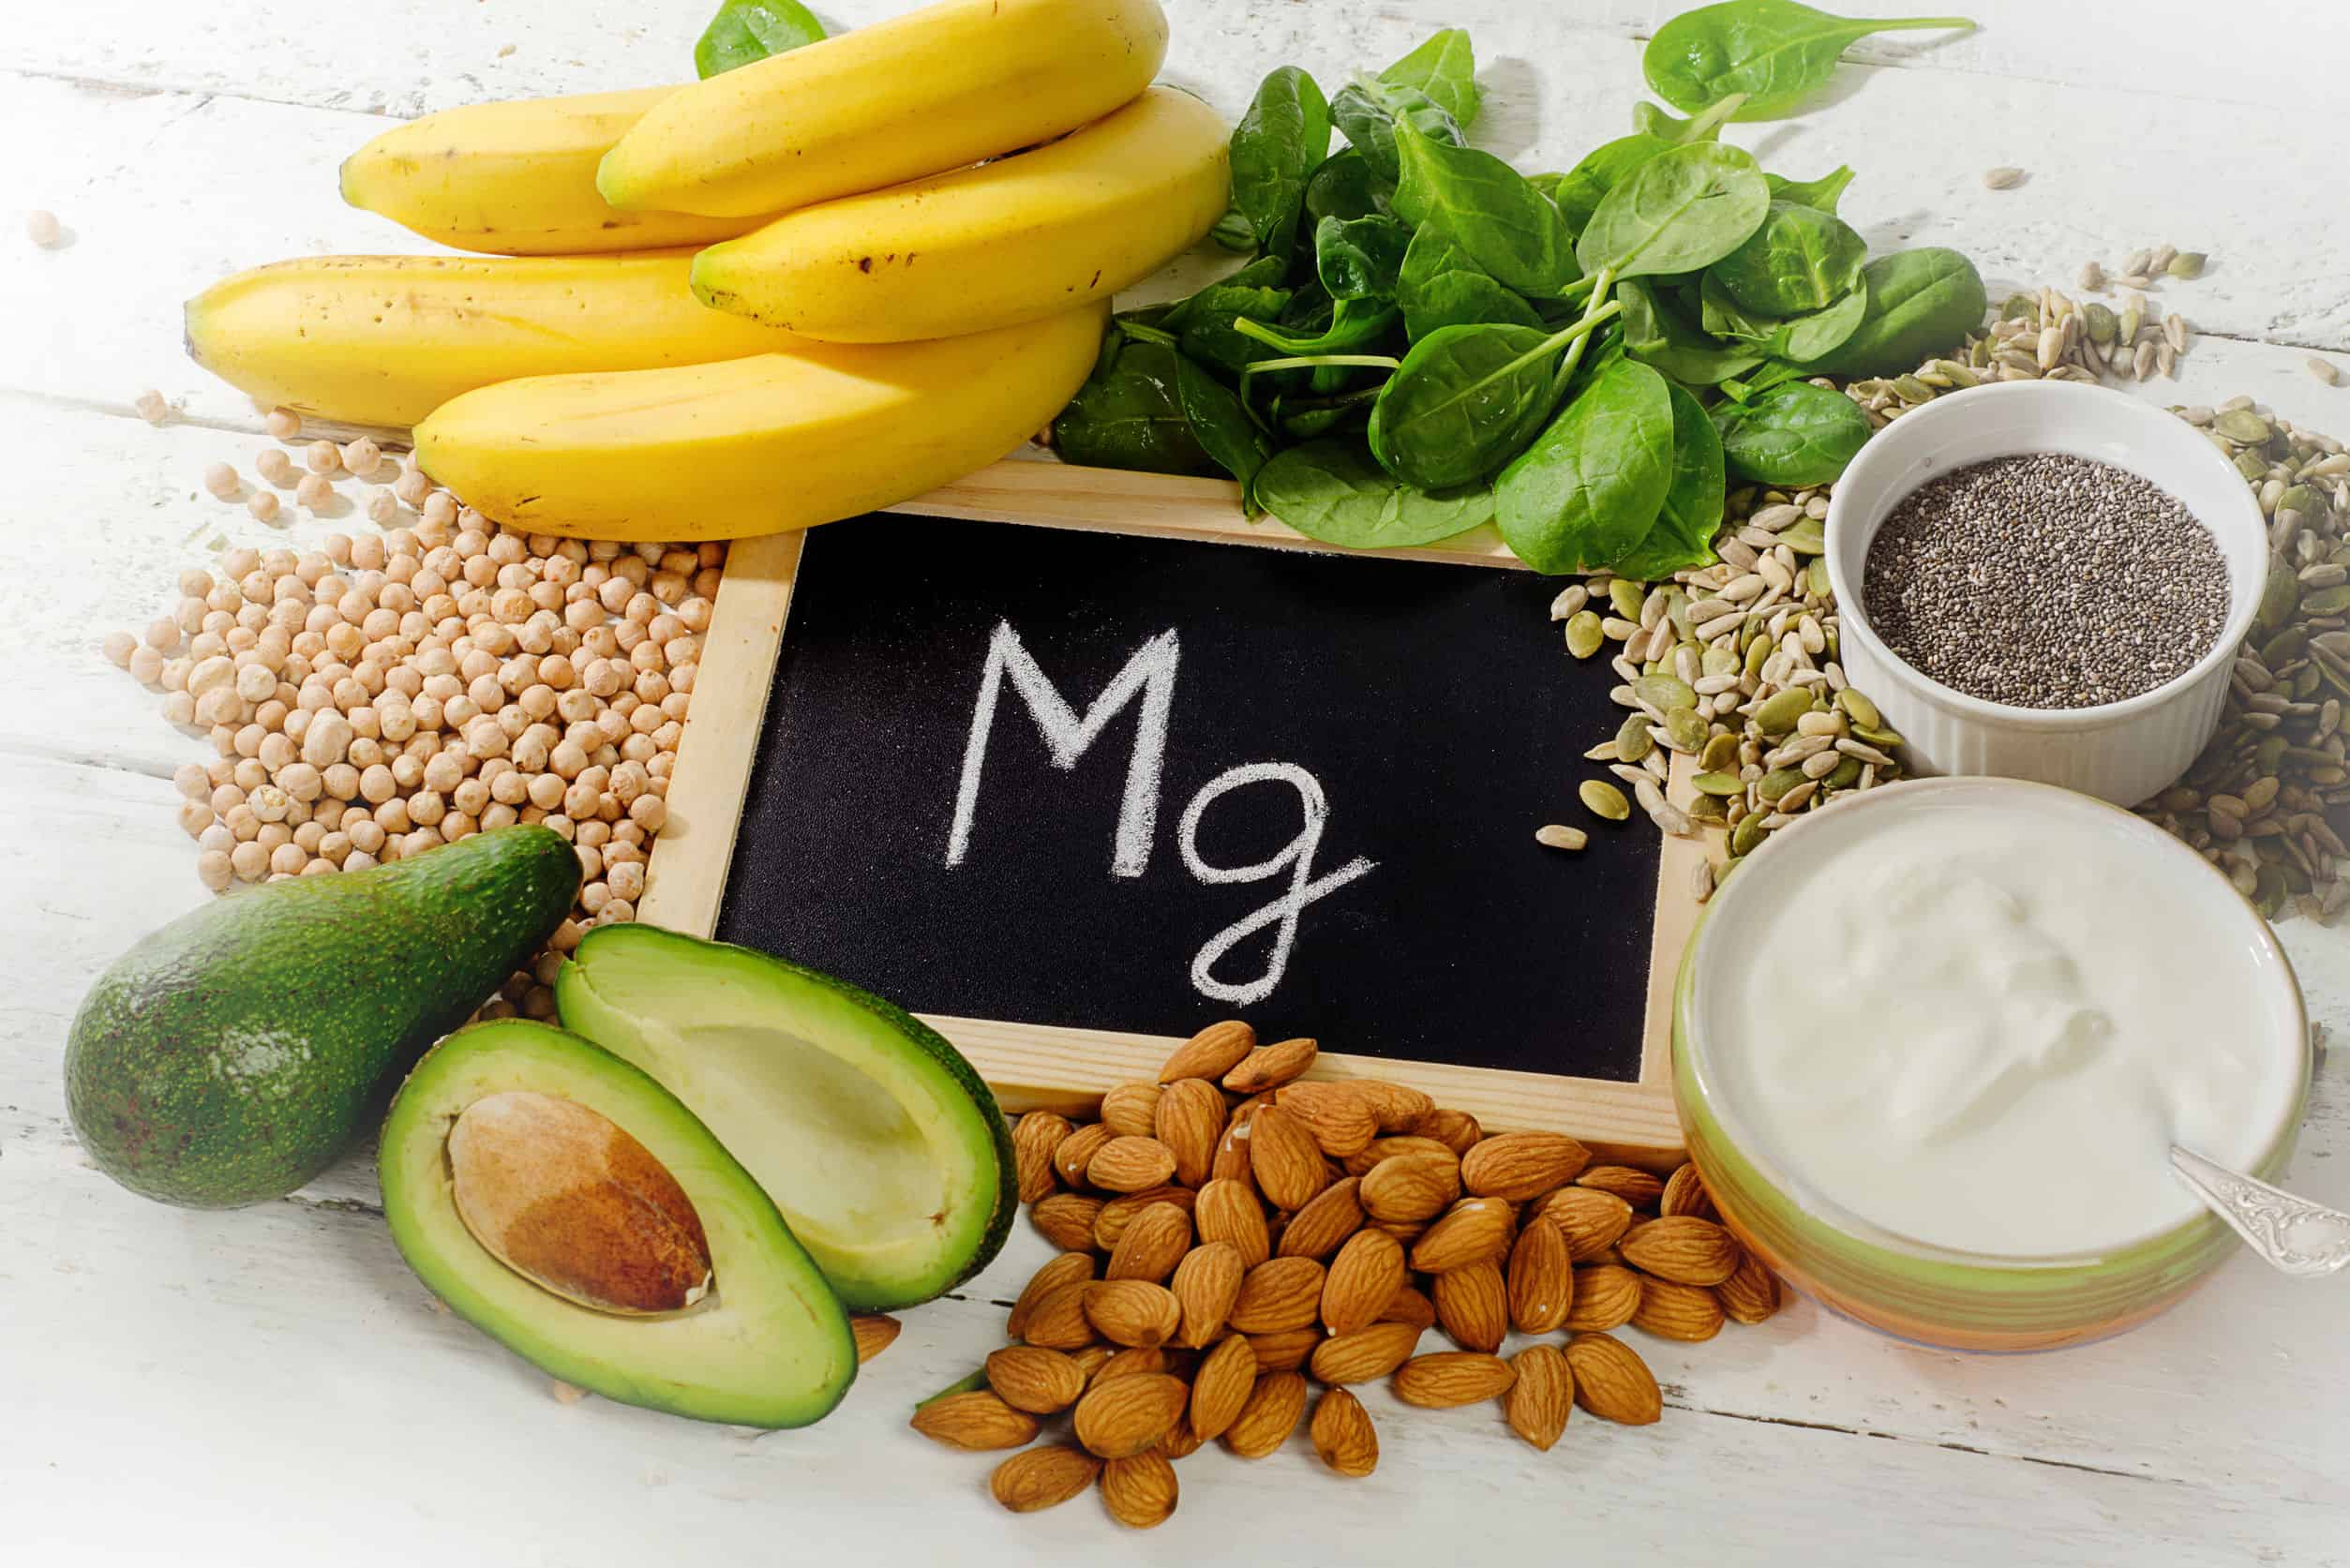 Magnesiumcitrat: Test & Empfehlungen (05/21)